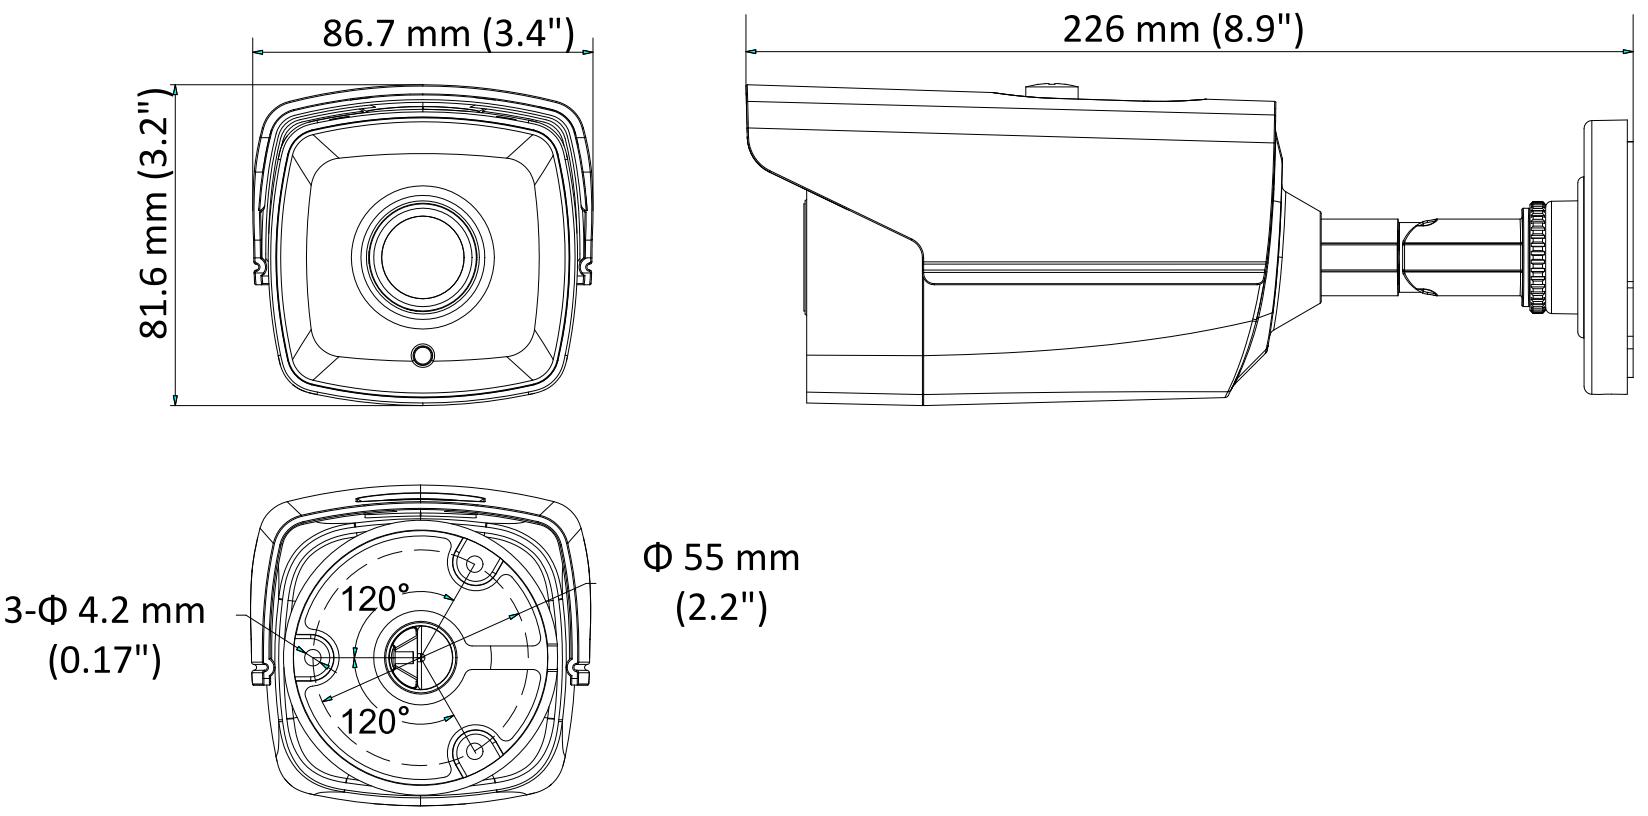 DS-2CE16D8T-IT3 / DS-2CE16D8T-IT3E - Wymiary kamery podane w mm.